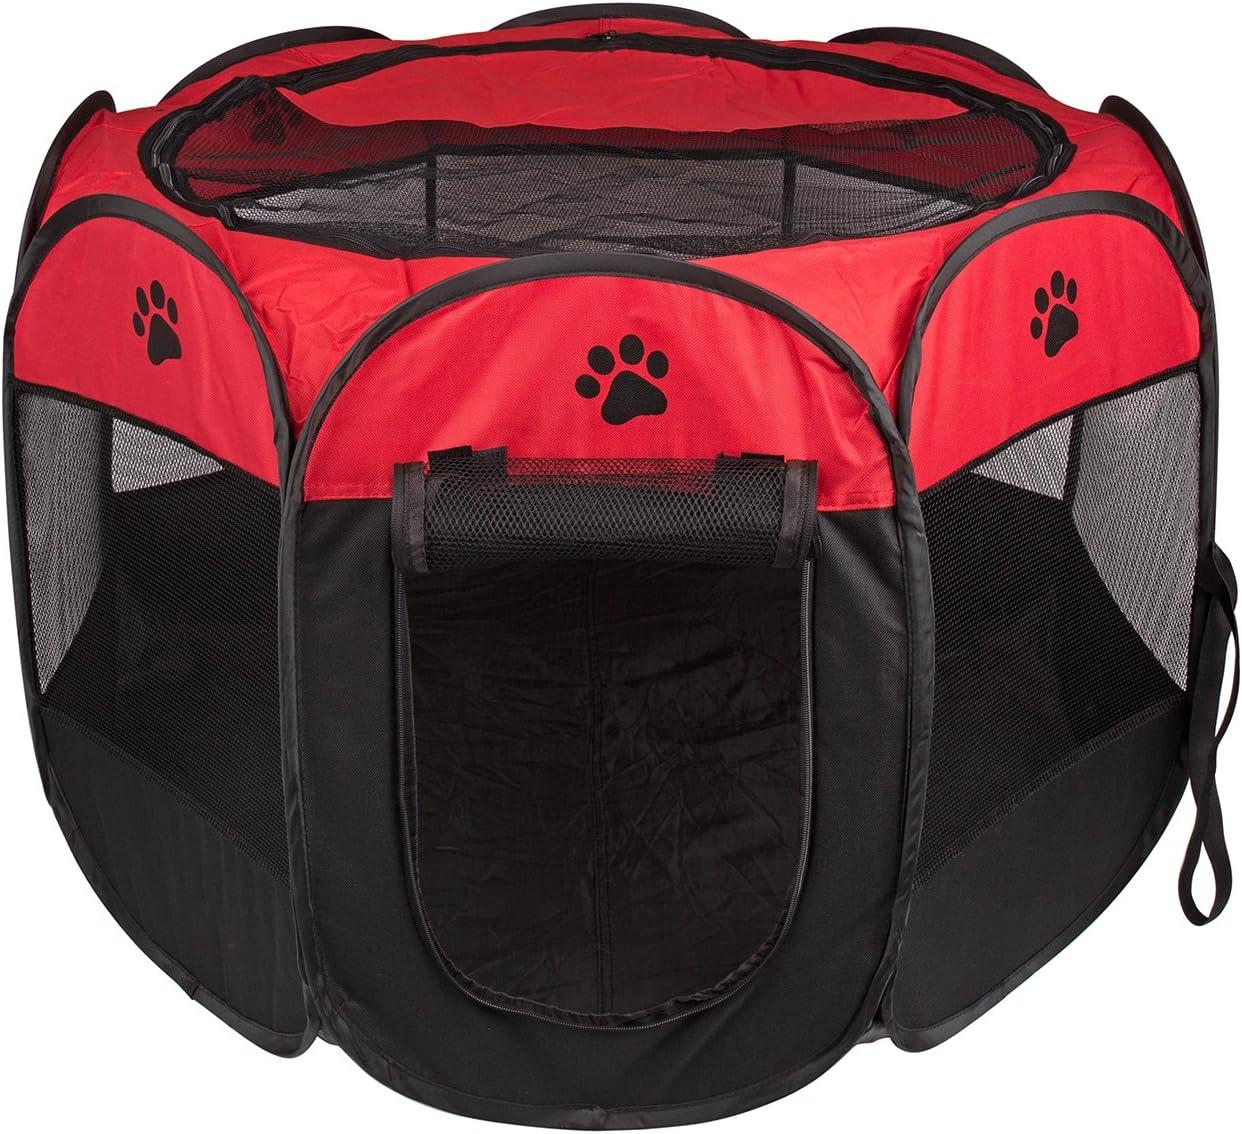 BIGWING Style Parque Mascota de Juego Entrenamiento Dormitorio Perro Gato Conejo Octágono Plegable Lavable Durable 91x 91x 58 CM, Negro y Rojo